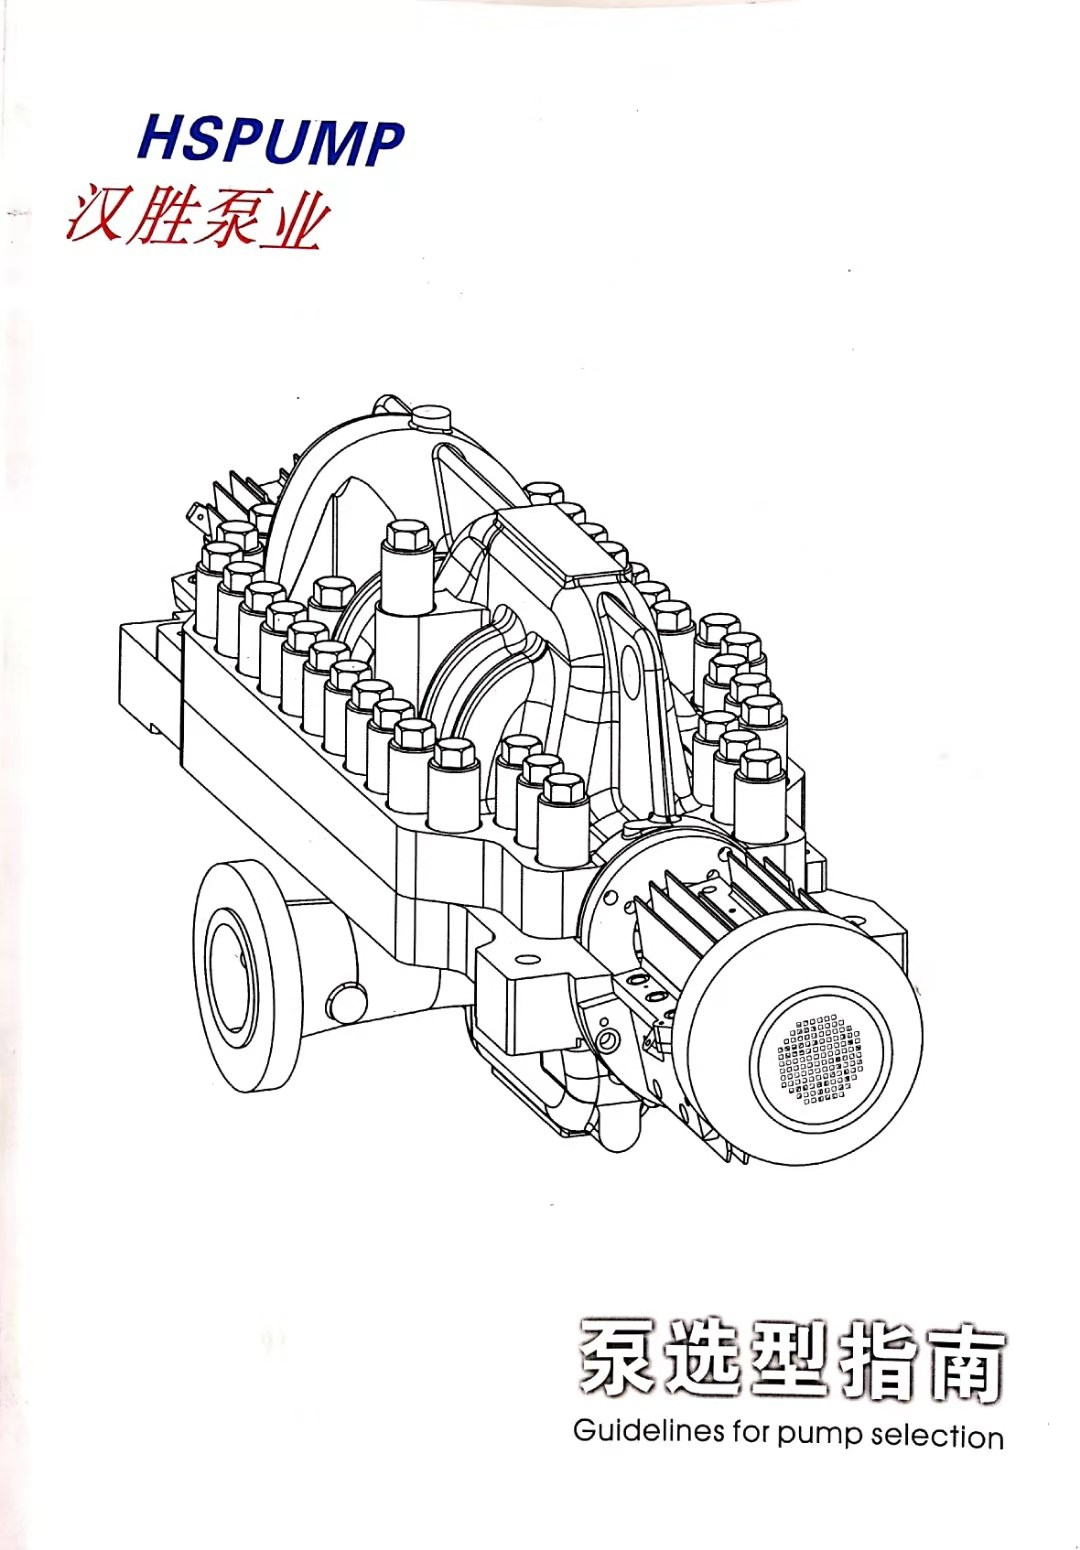 汉胜泵业泵选型指南